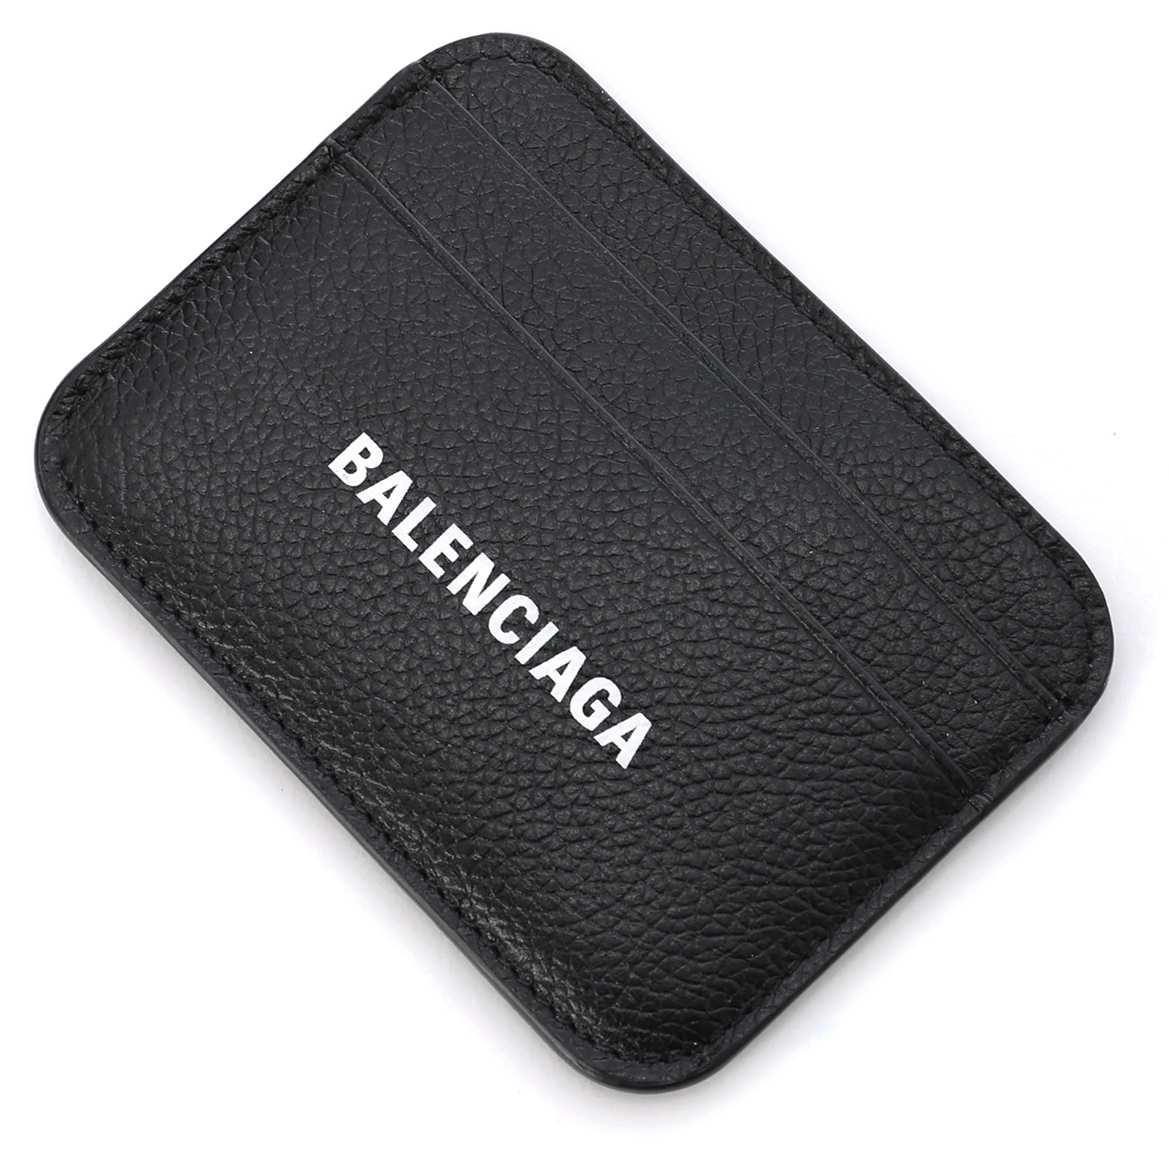 送料無料 発売モデル バレンシアガ BALENCIAGA カードケース 2021年春夏新作 ブラック レディース 超特価SALE開催 1izim 返品送料無料 ラッピング無料 1090 593812 あす楽対応_関東